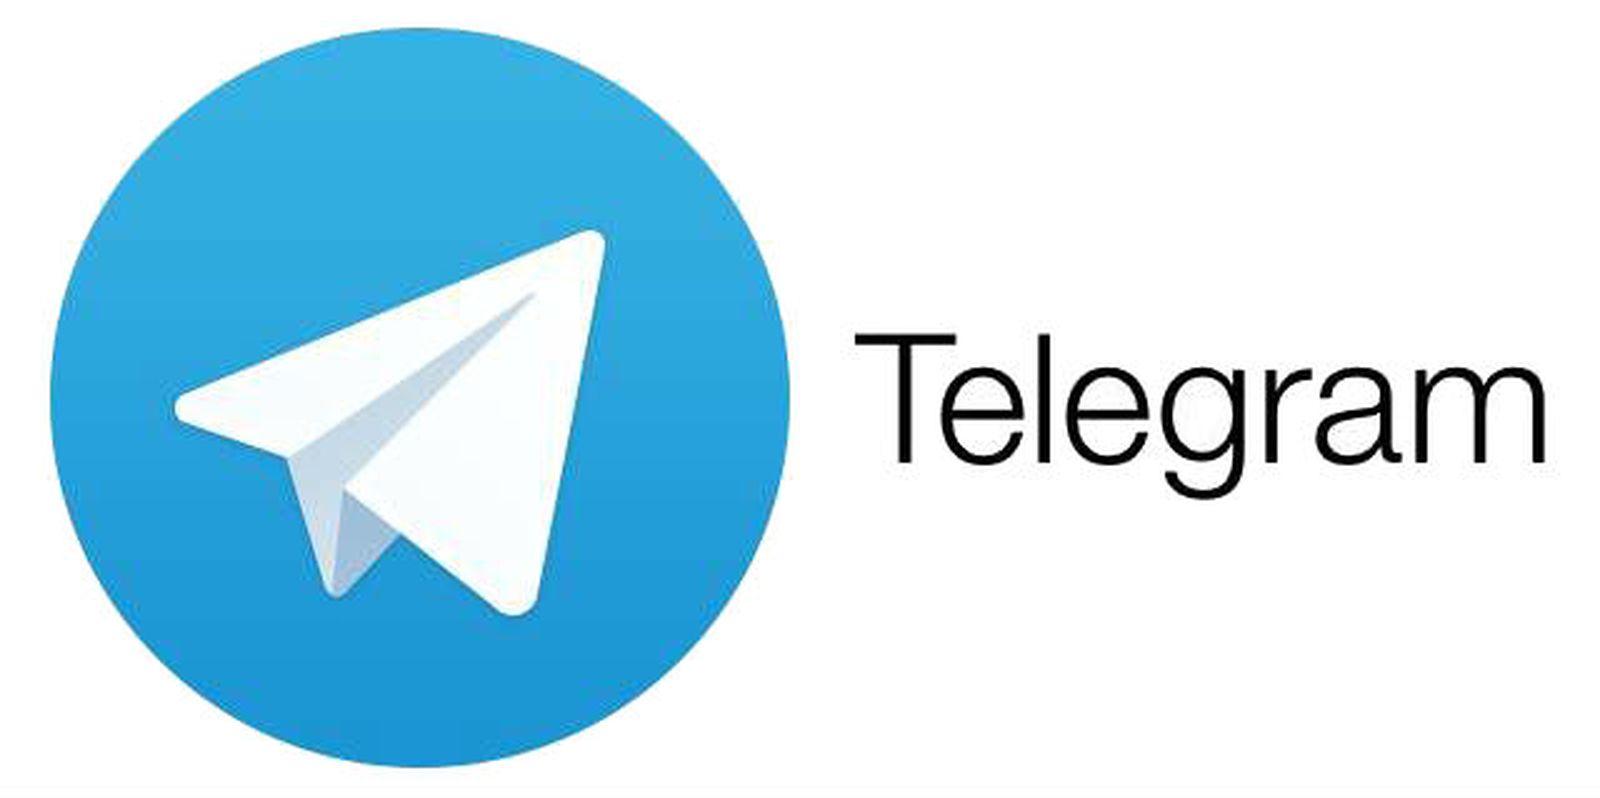 تحميل برنامج تيليجرام 2021 Telegram APK معرفة الأشخاص القريبين منك